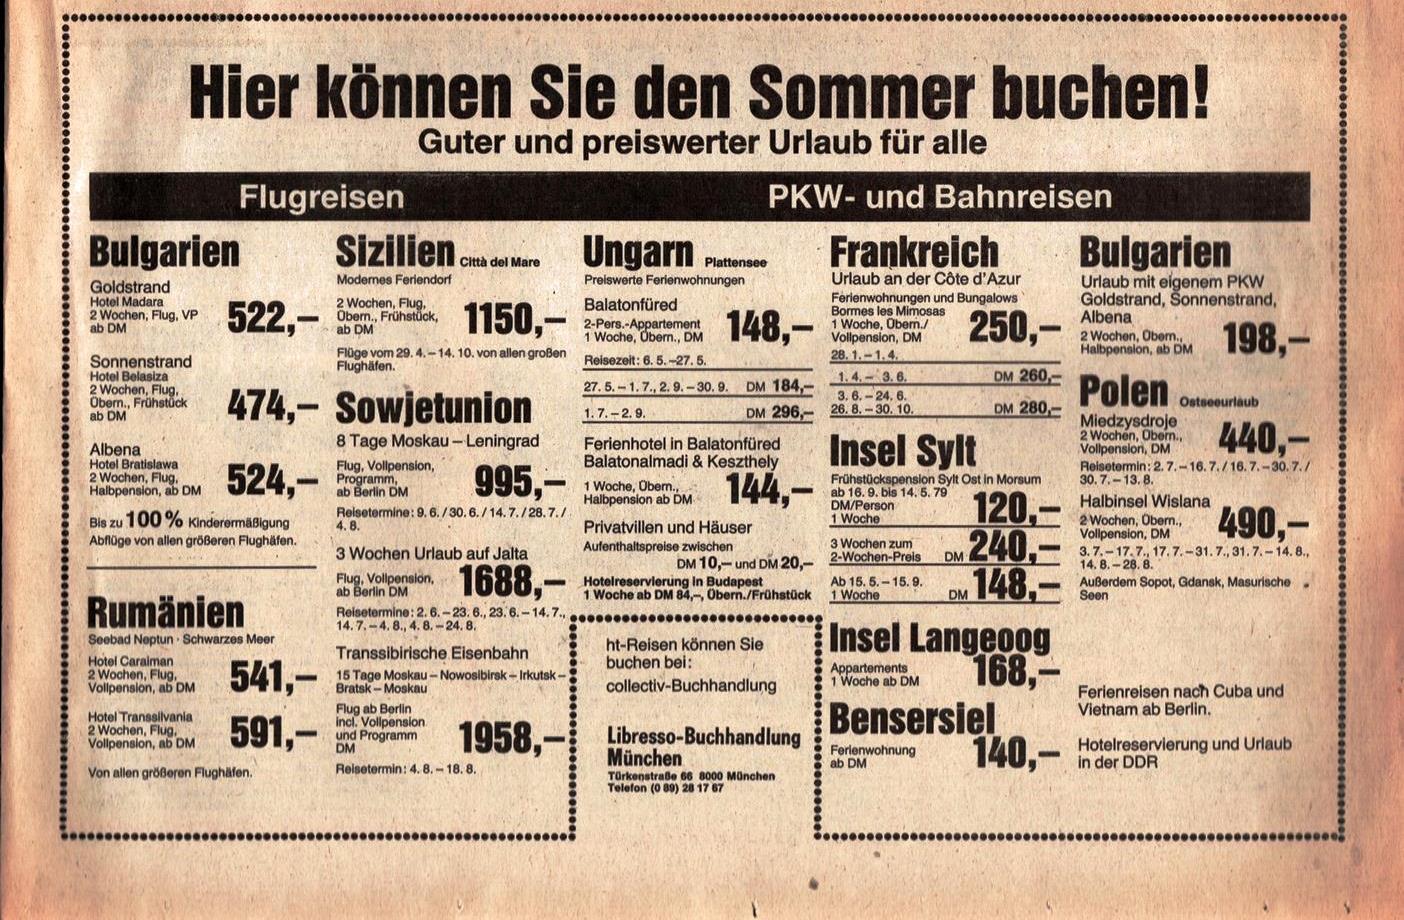 Muenchen_DKP_Neues_Muenchen_19780300_003_006